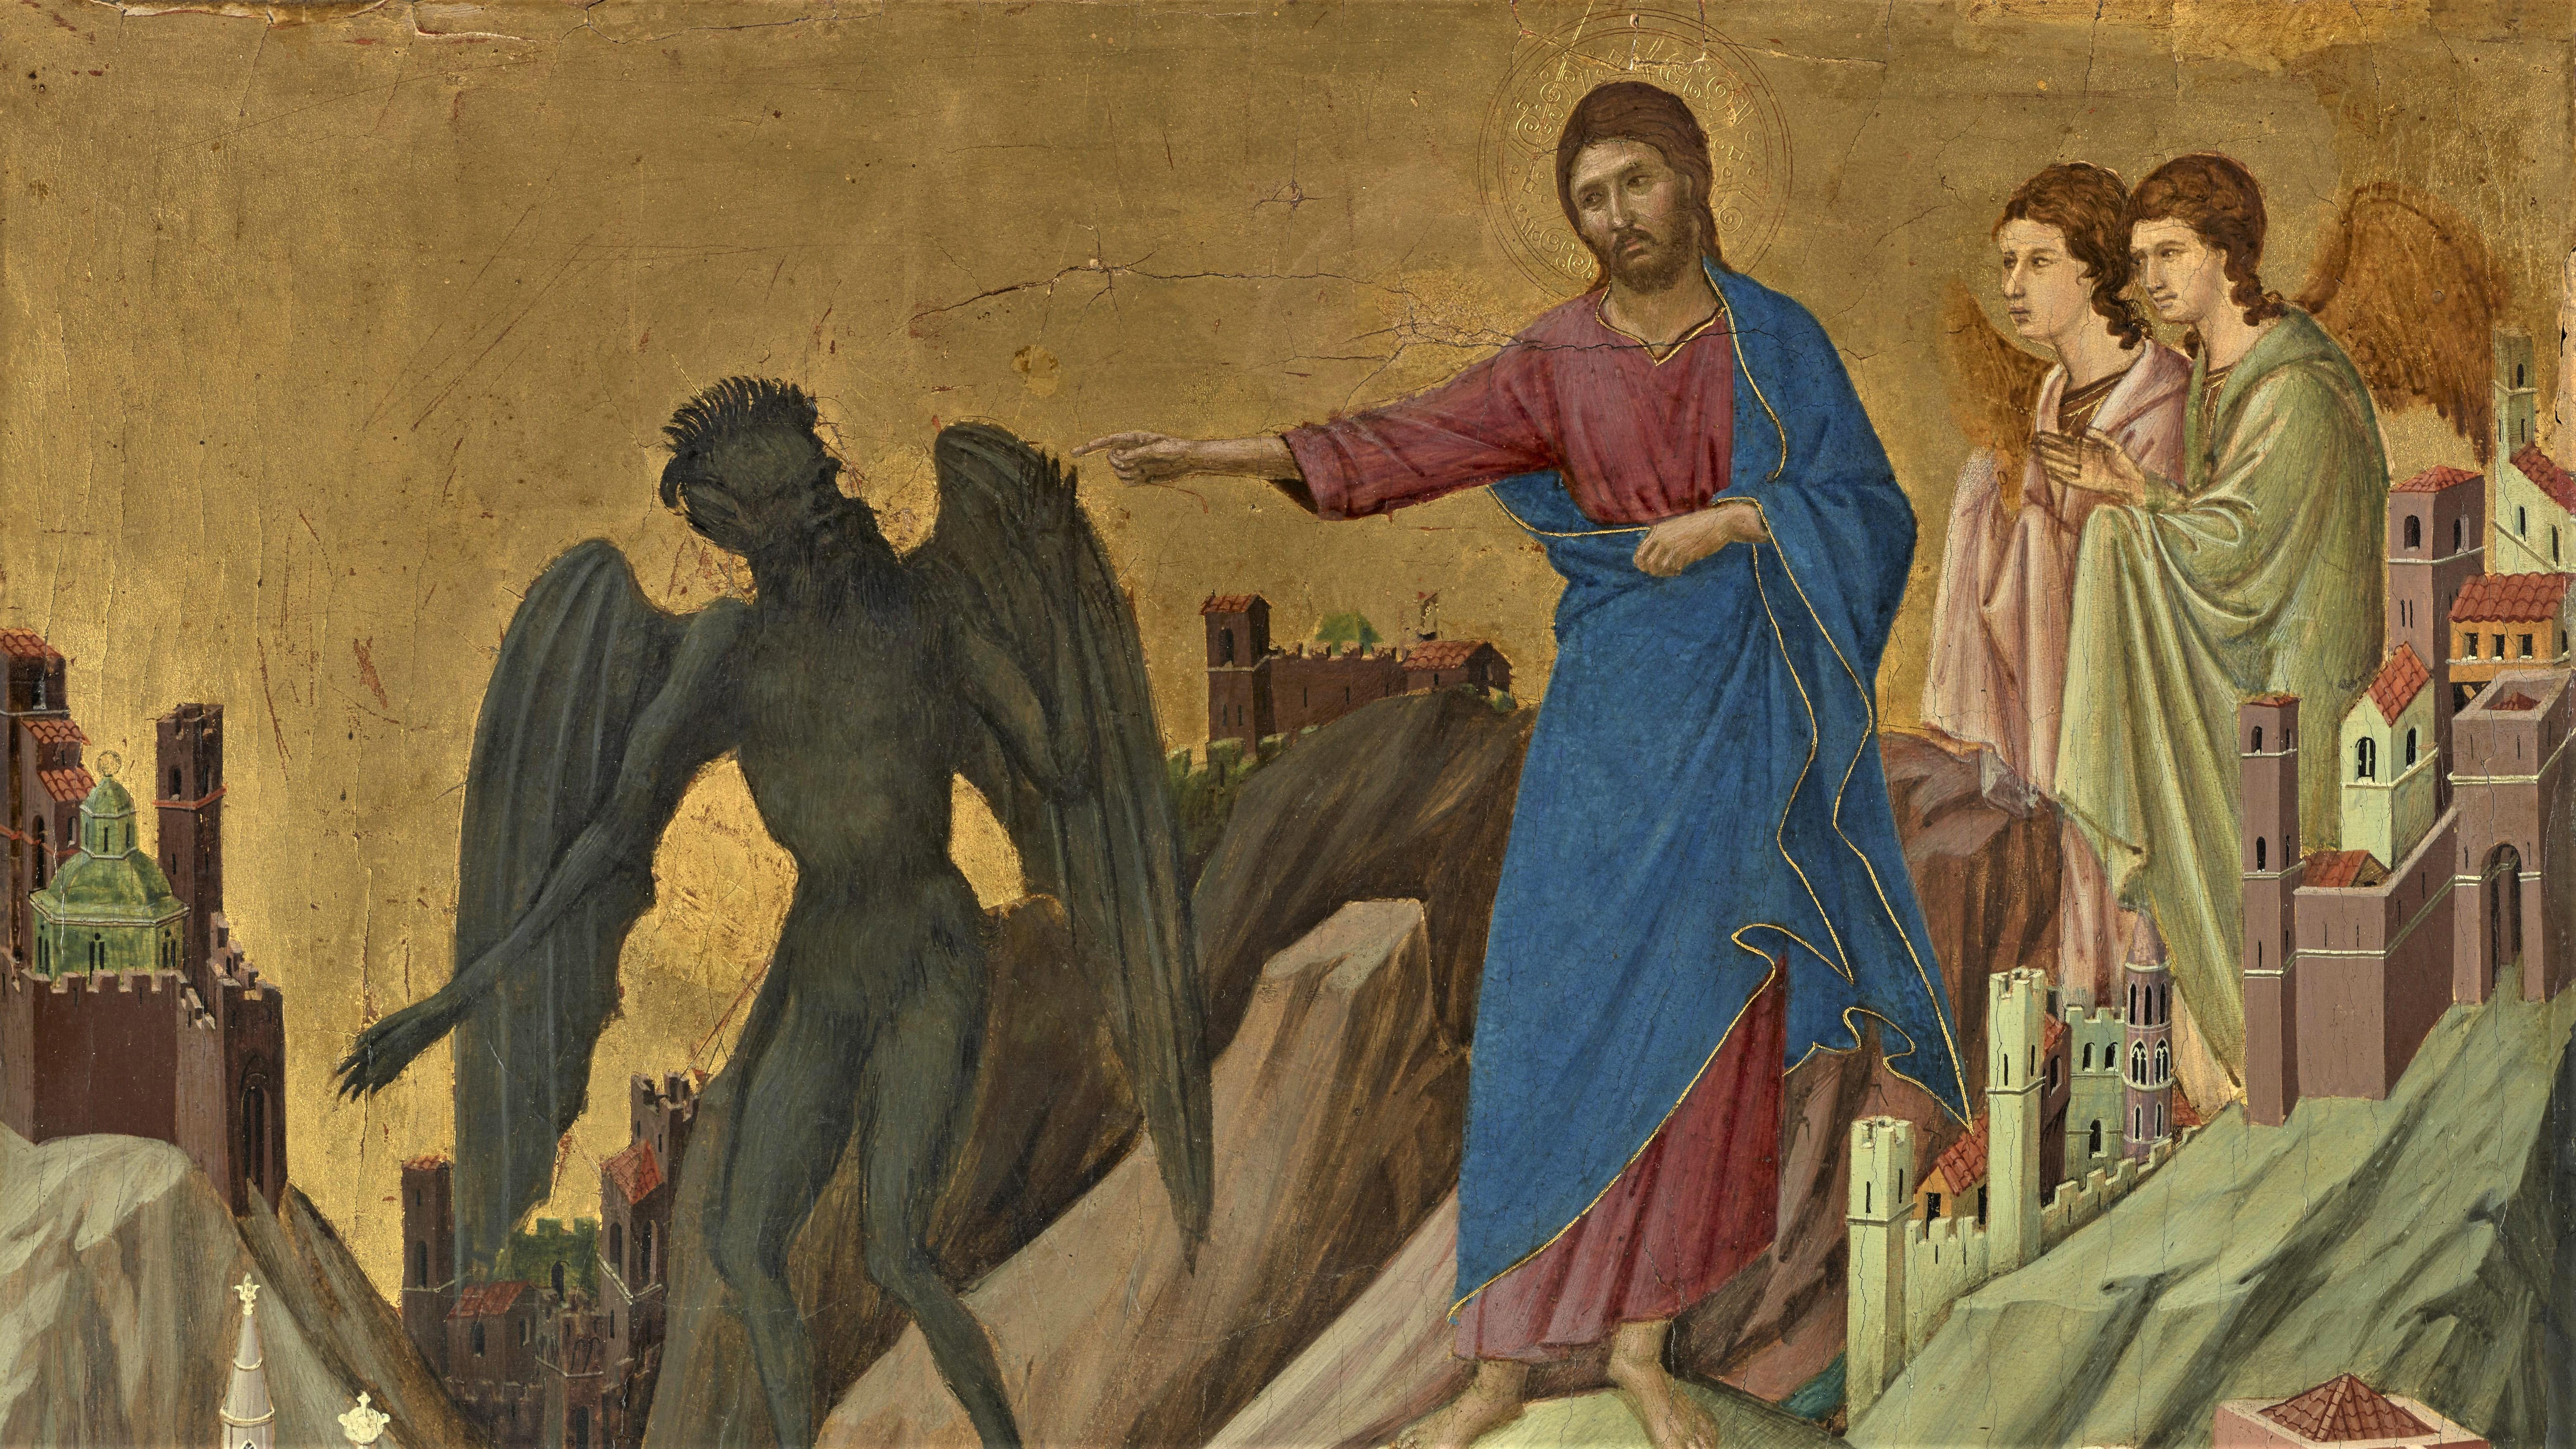 Duccio di Buoninsegna: The Temptation of Christ on the Mountain